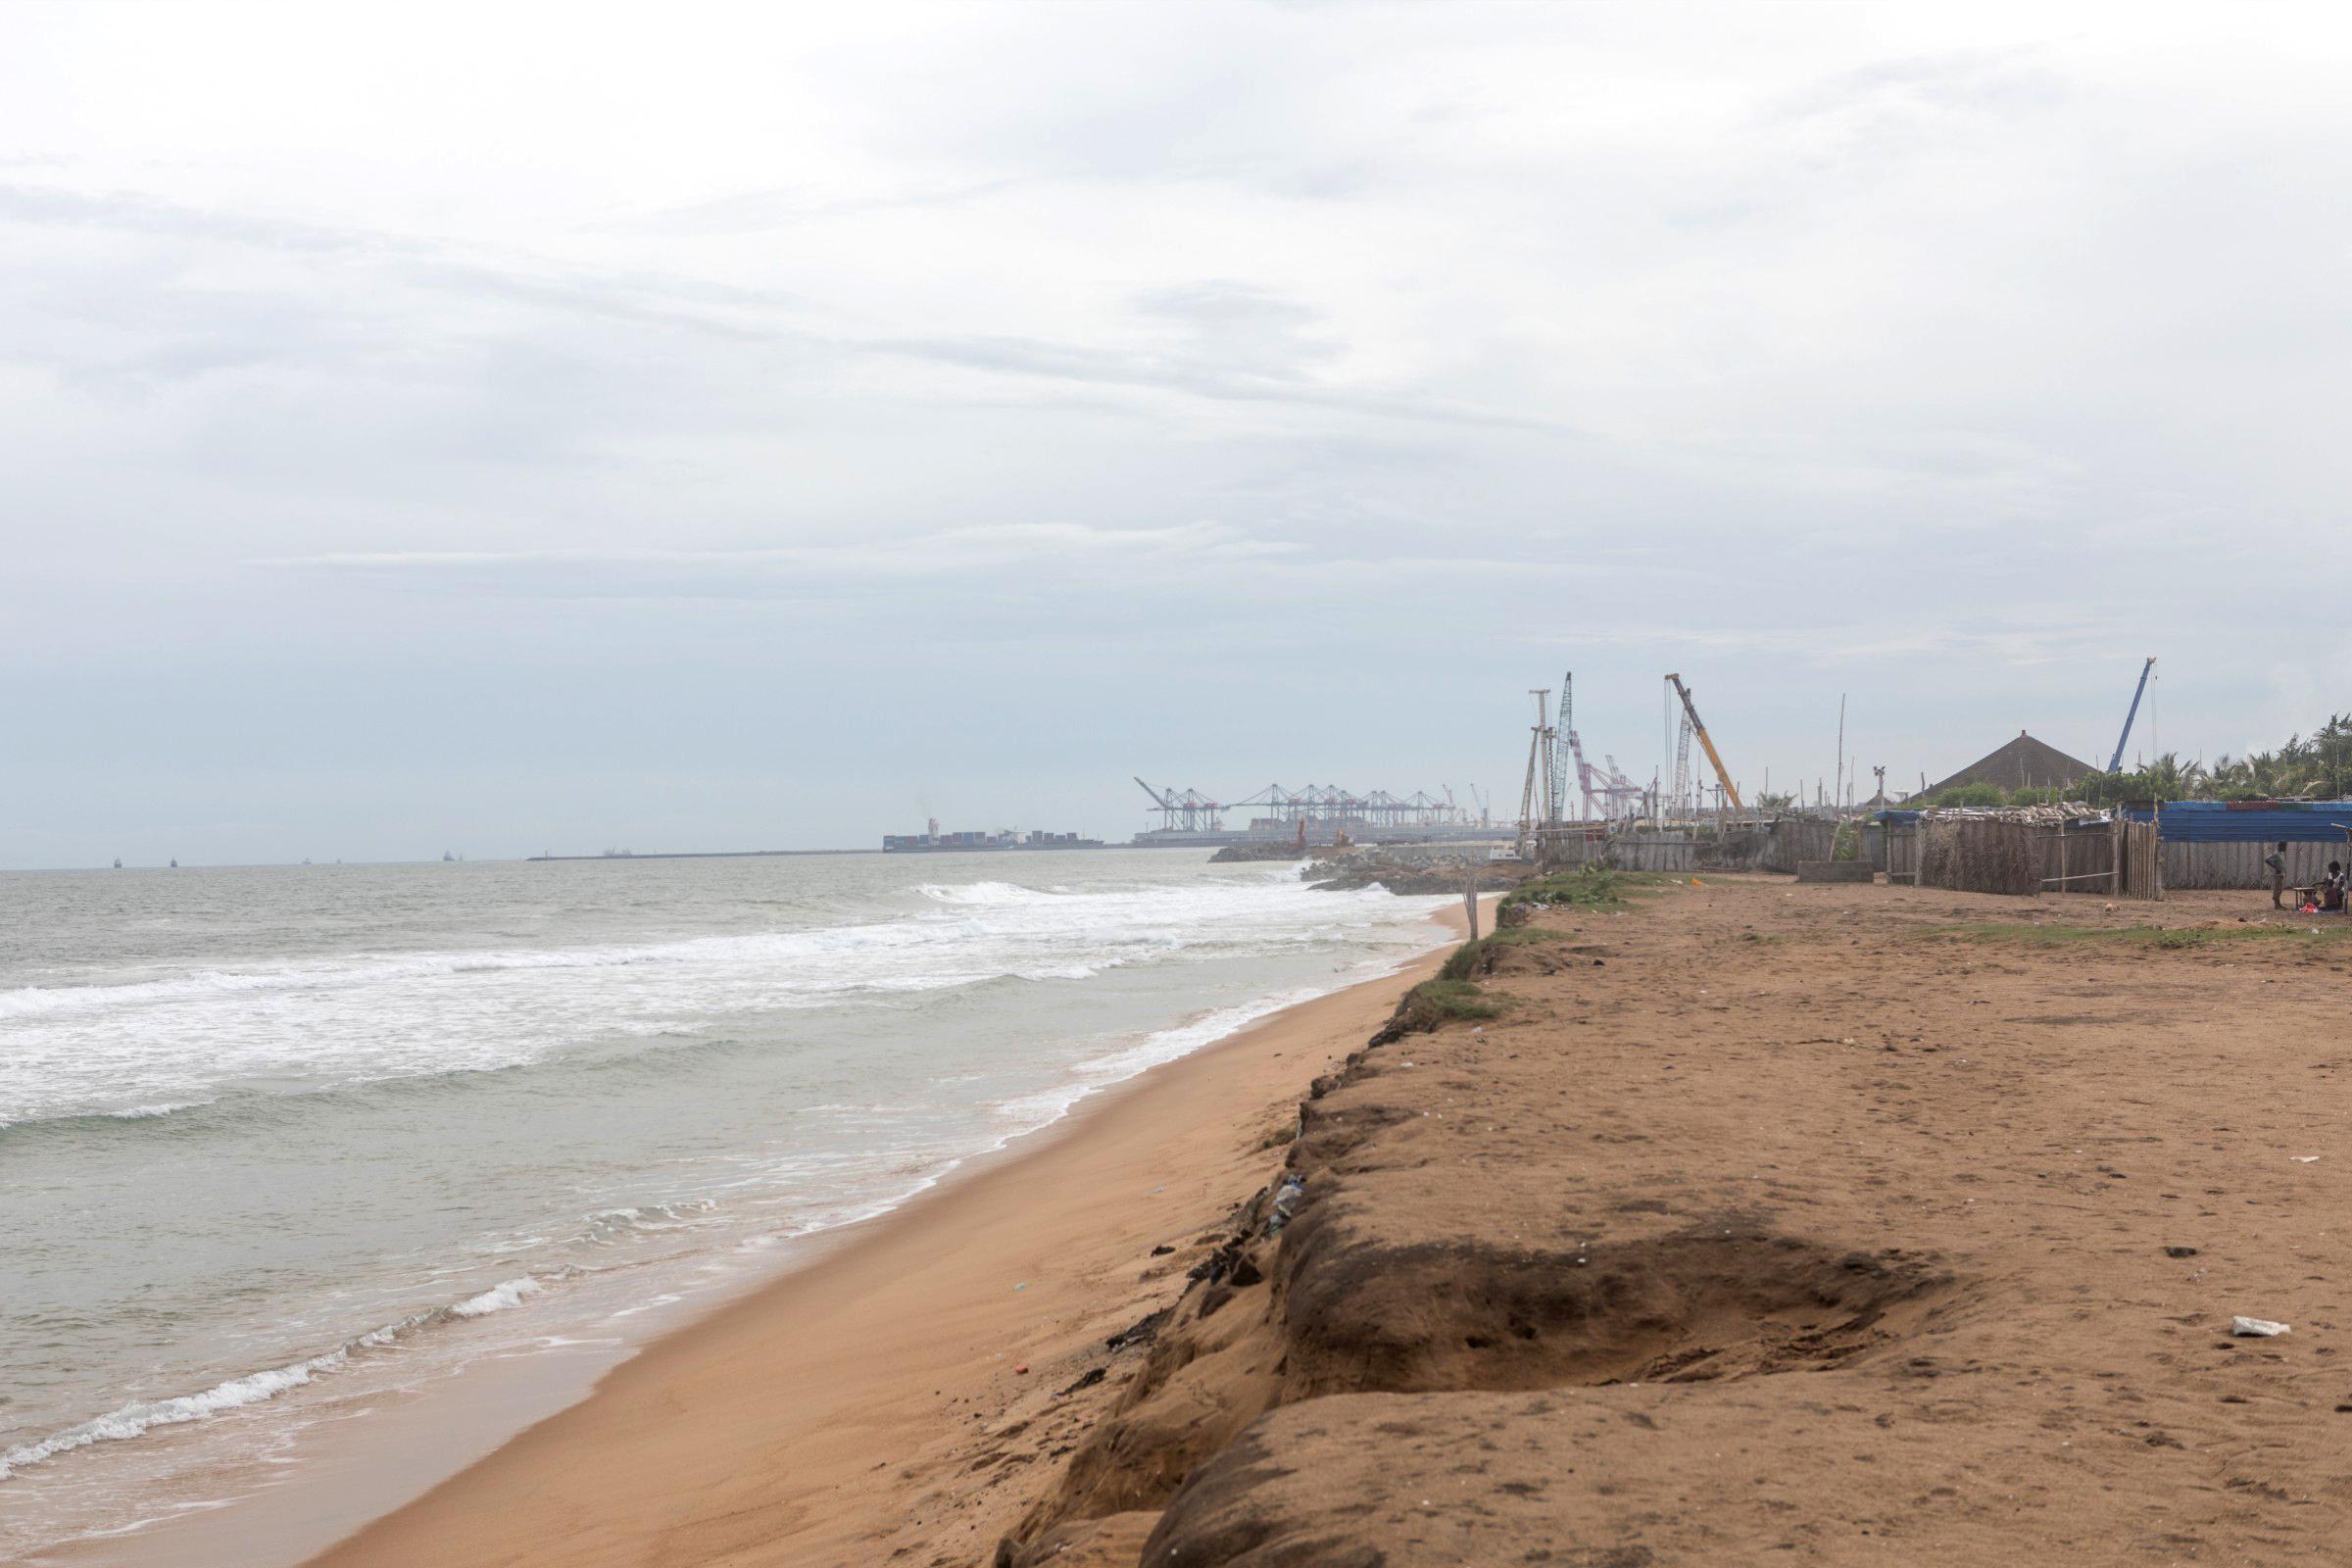 Kalózok rabolták el egy görög hajó legénységének négy tagját Togo partjainál